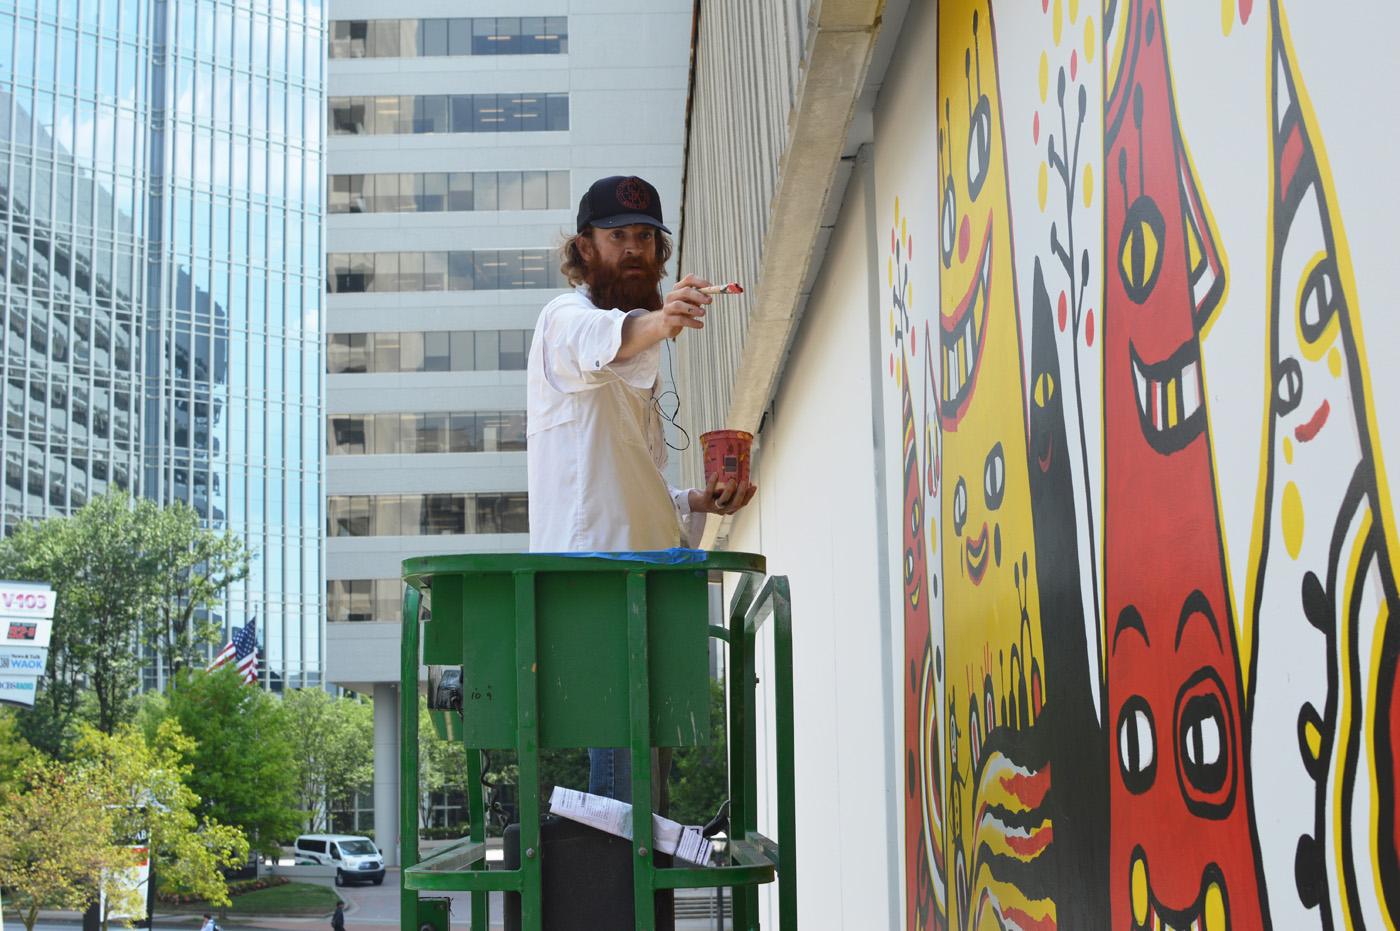 colony square mural - blackcattips - 40